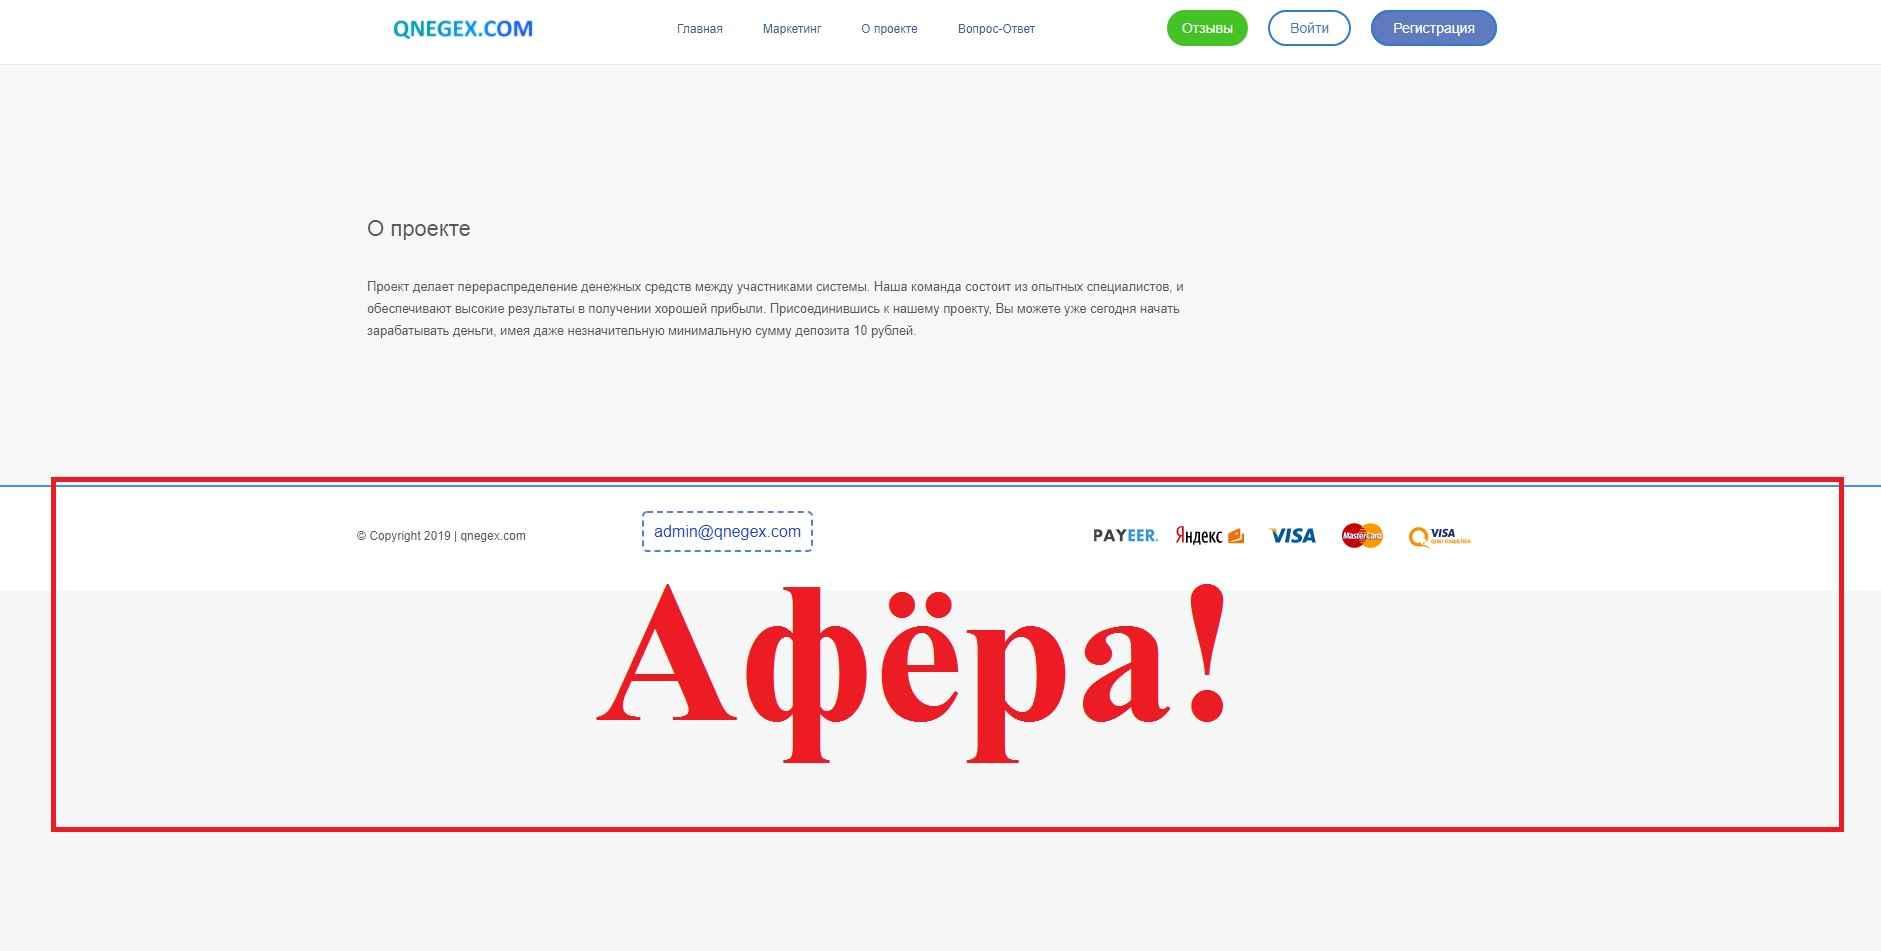 Qnegex – сомнительные инвестиции. Отзывы о qnegex.com